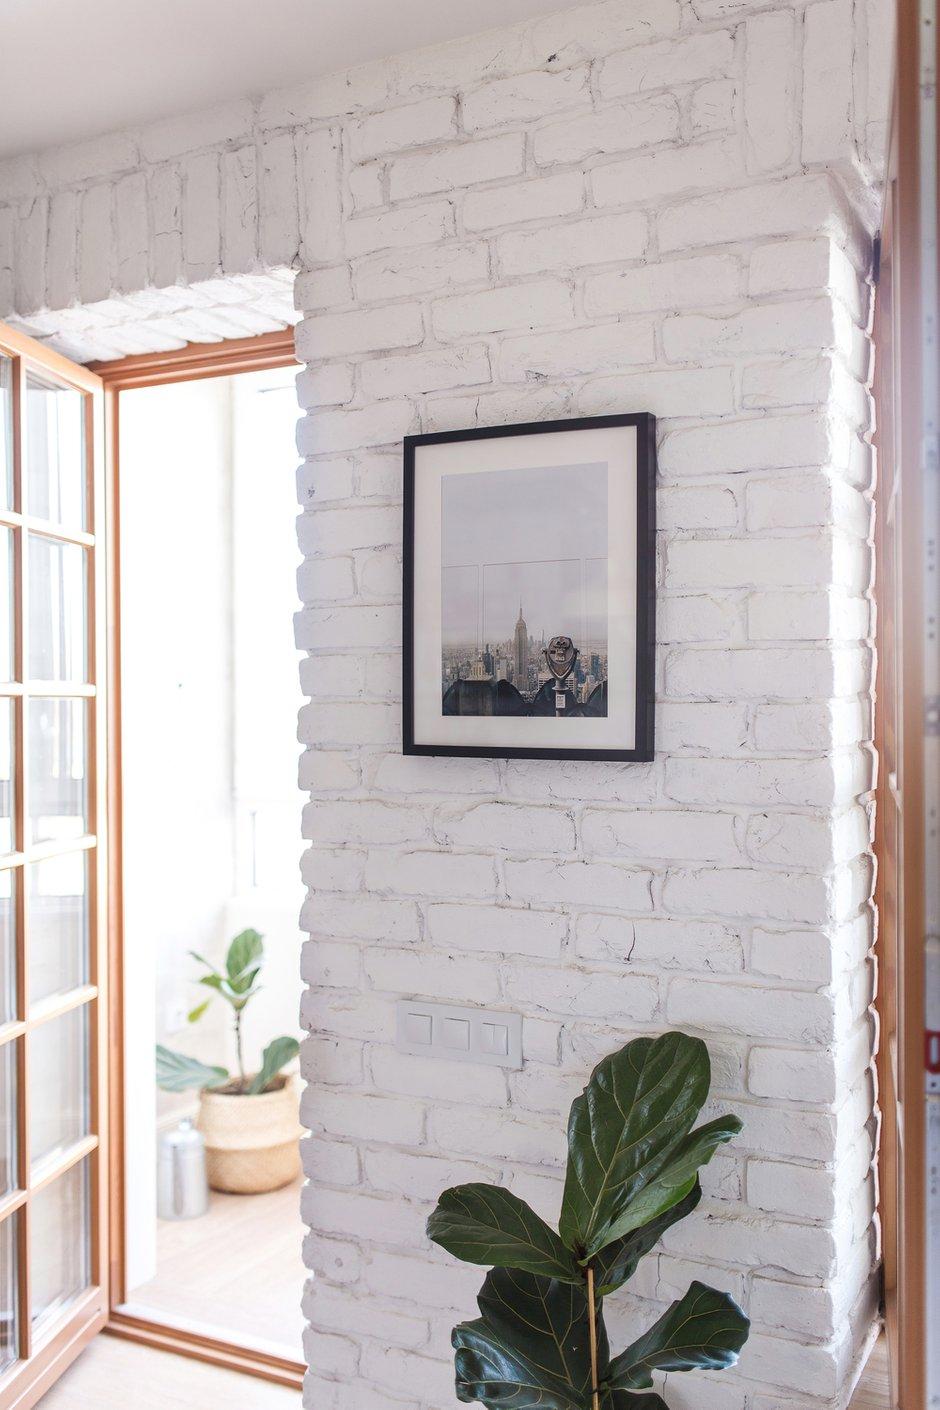 Фотография: Прихожая в стиле Скандинавский, Квартира, Белый, Проект недели, Евгения Лыкасова – фото на INMYROOM